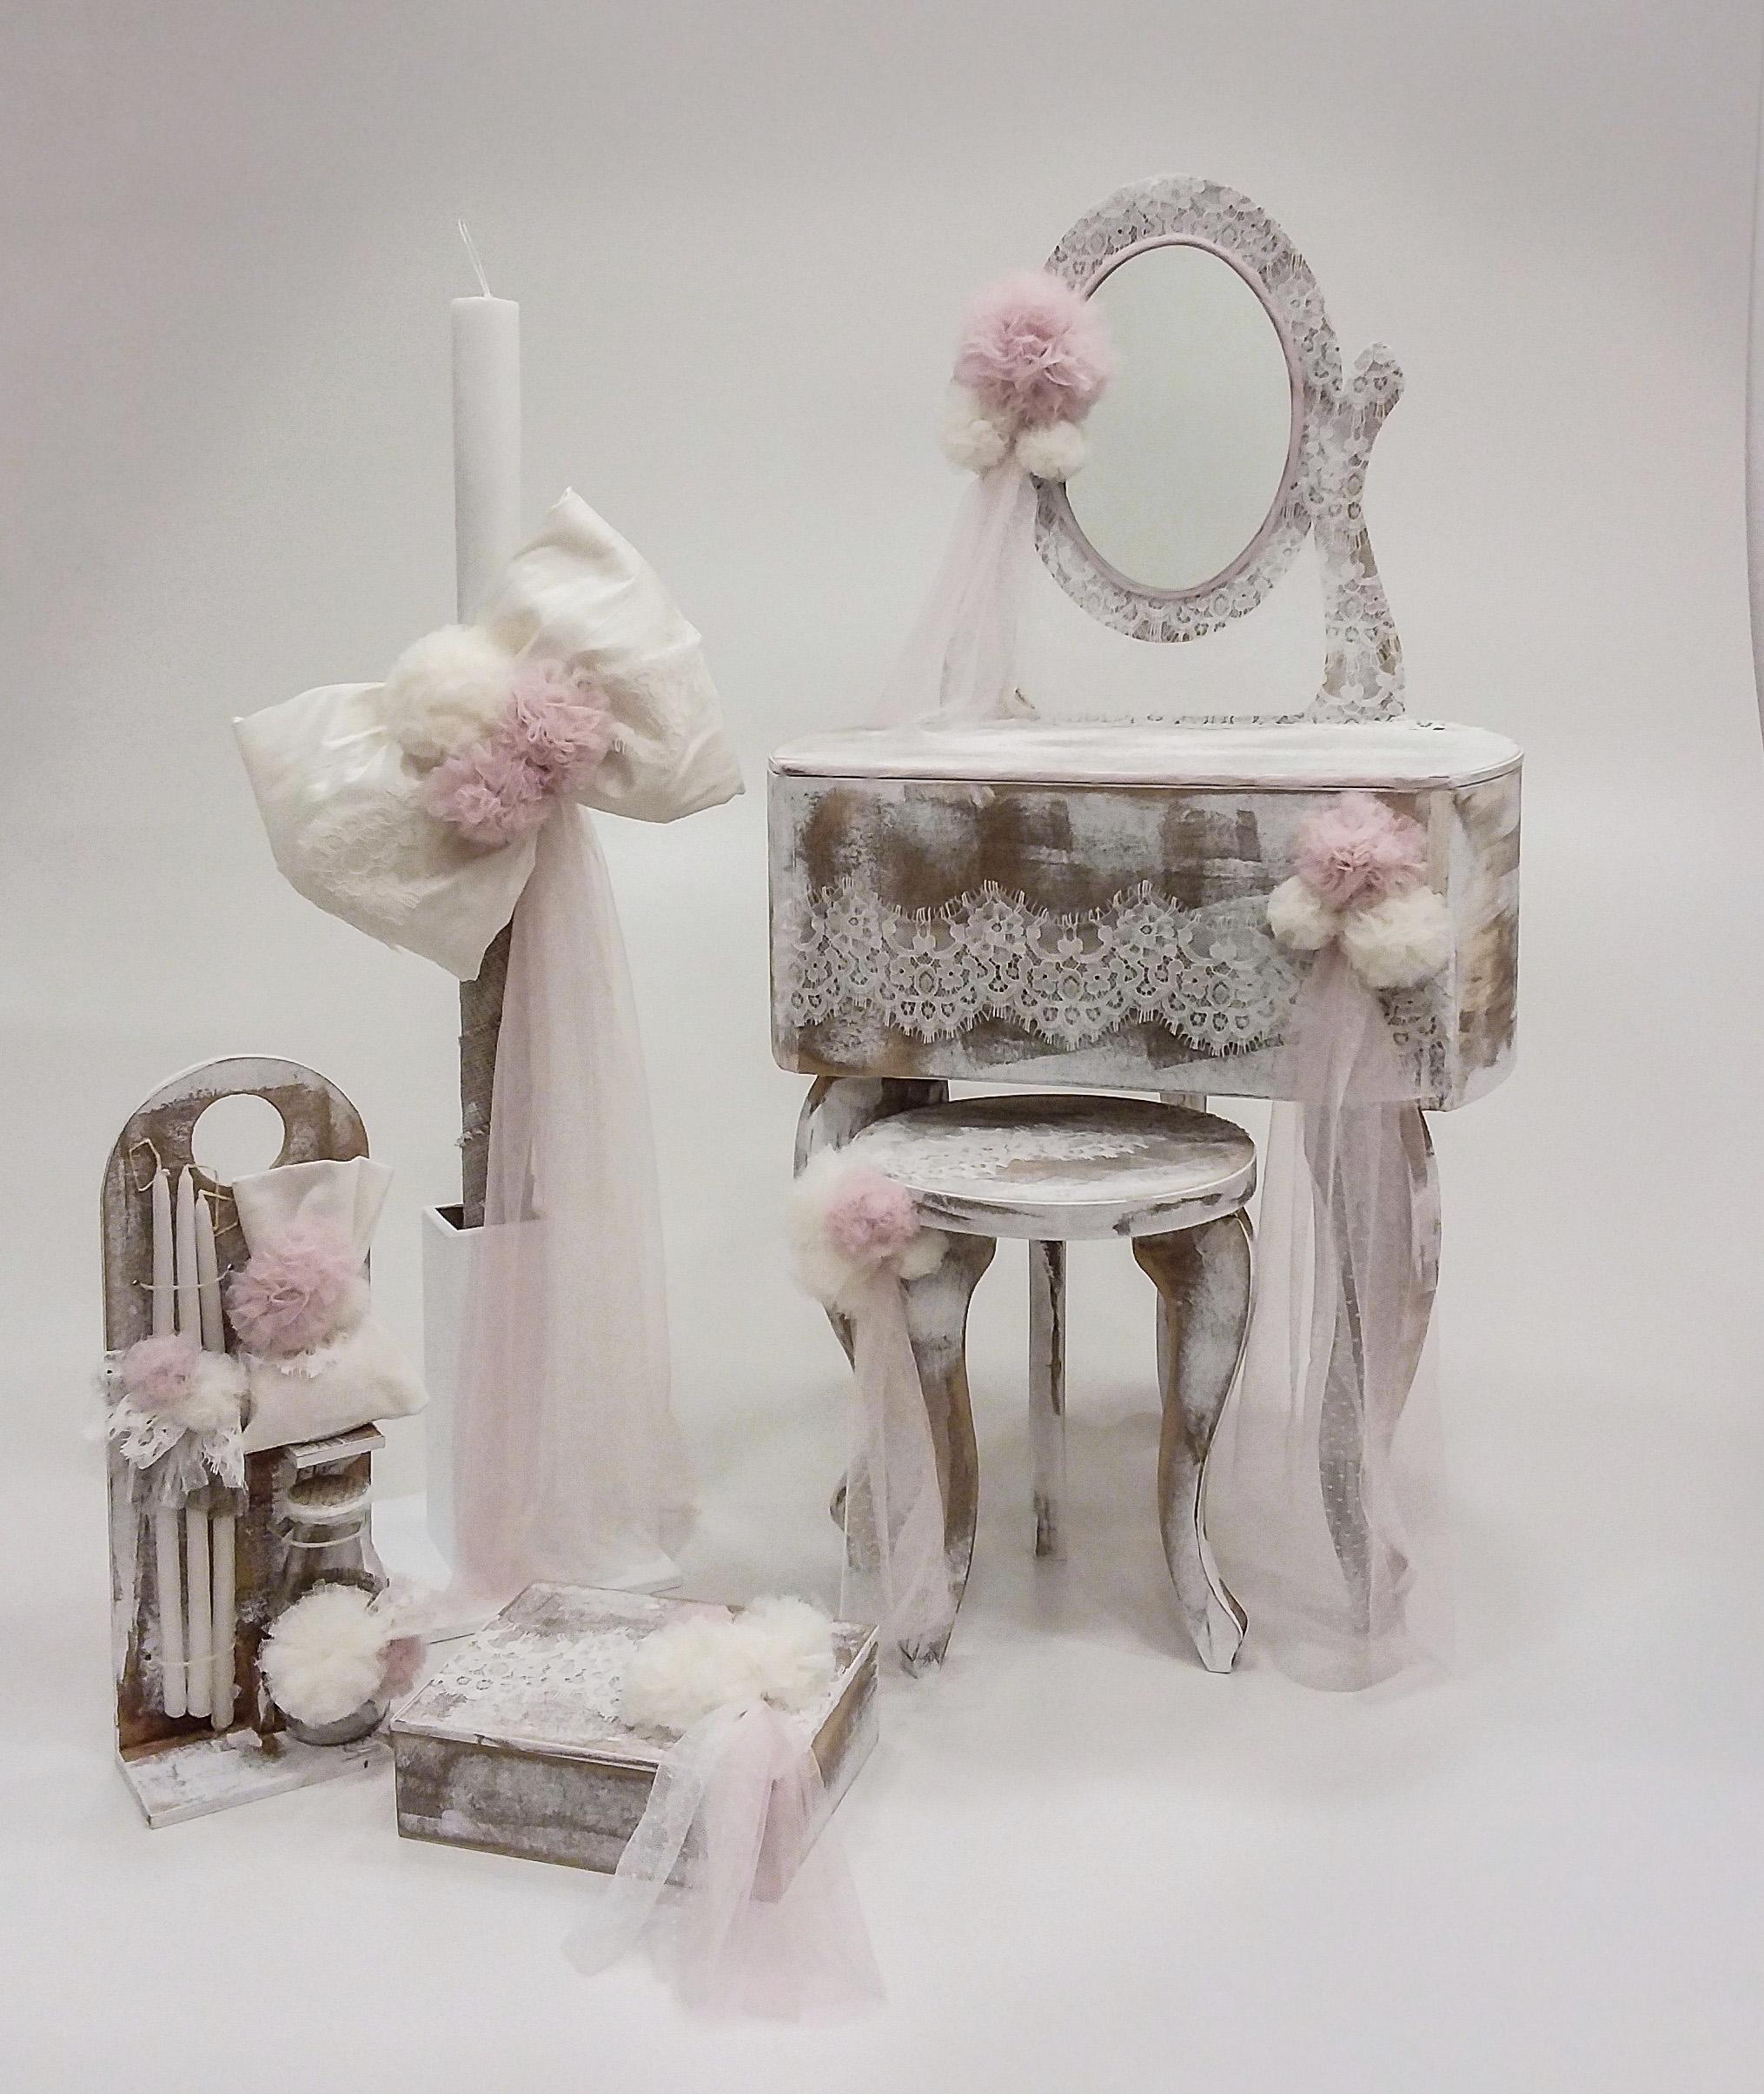 """Βαπτιστικό κουτί για κορίτσι """"pom pom boudoir"""" by Elena Manakou  Χειροποίητο ξύλινο κουτί βάπτισης μπουντουάρ ζωγραφισμένο στο χέρι και διακοσμημένο με δαντέλες και τούλινα πομ-πομ συνδυάζεται με μικρο σκαμπό τη λαμπάδα και τα αξεσουάρ της βάπτισης."""